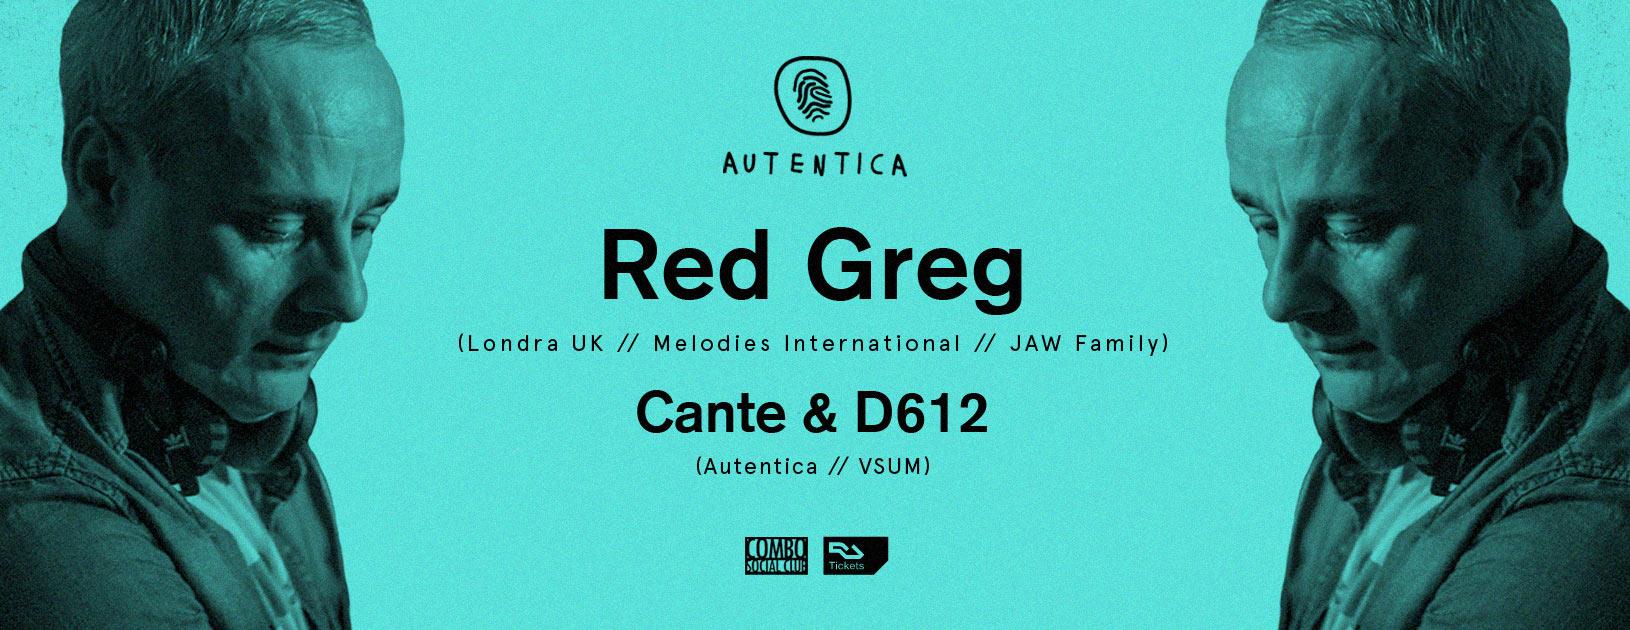 Autentica 5th Anniversary w - Red Greg